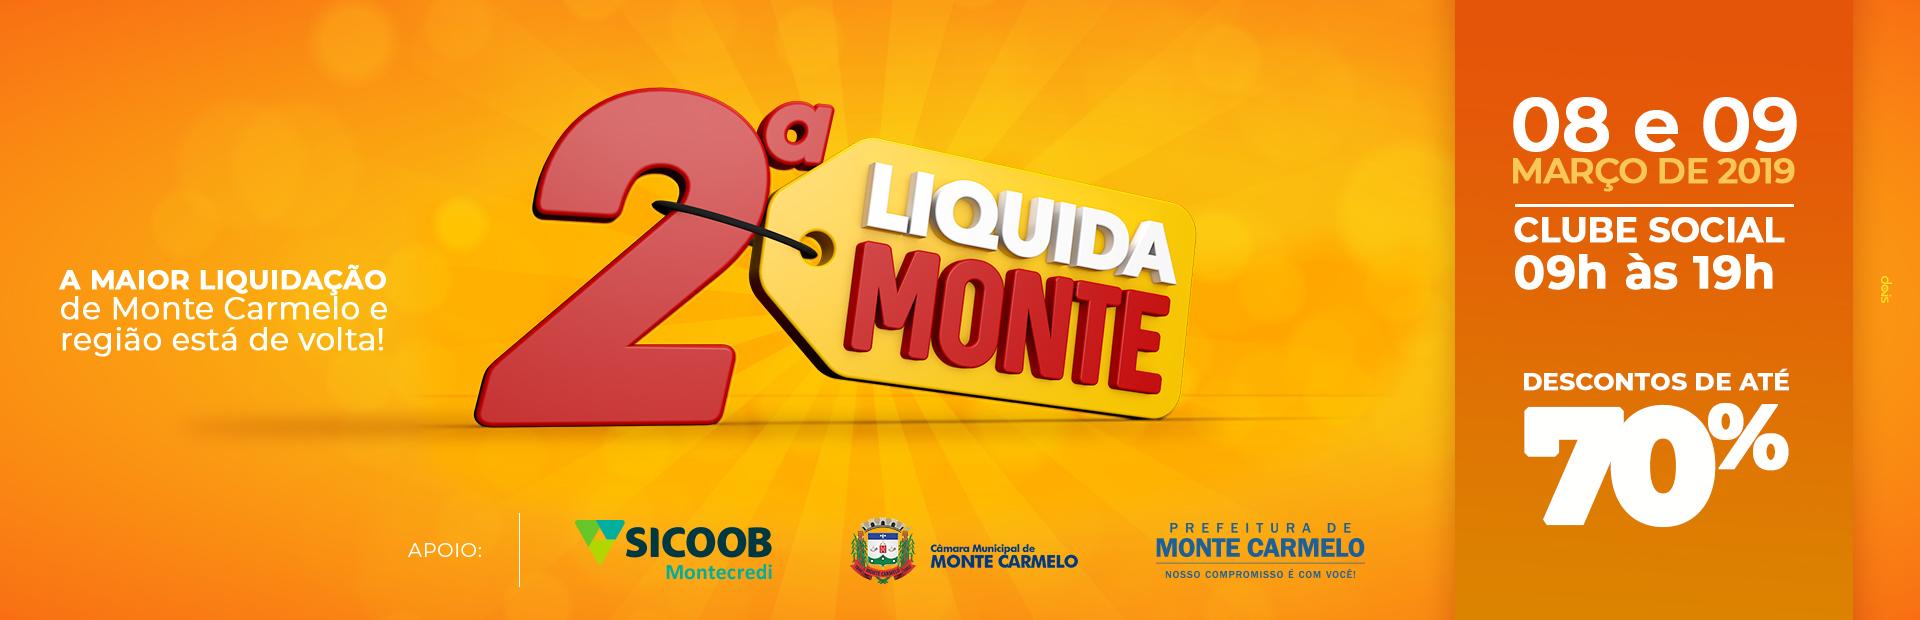 2ª Liquida Monte